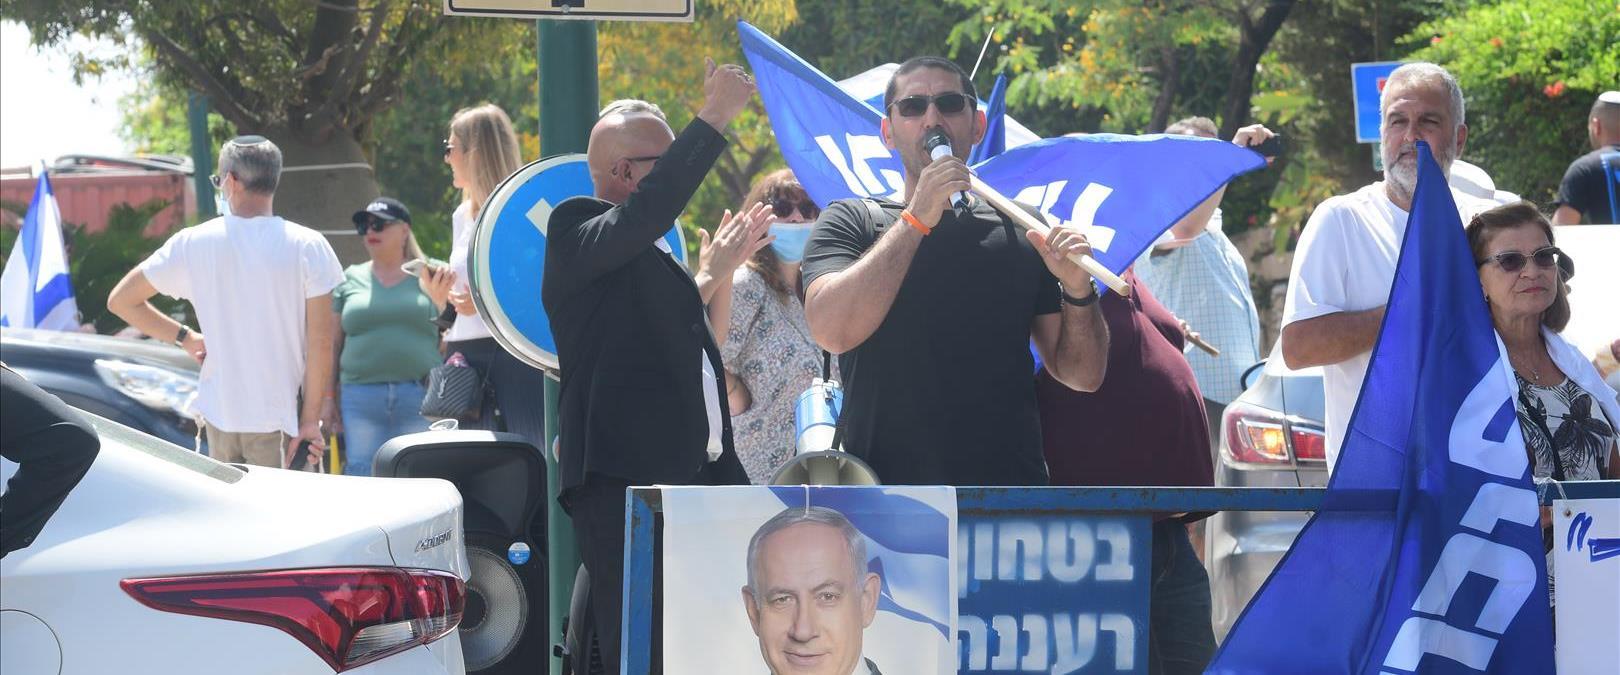 הפגנה מול בית בנט ברעננה, בחודש שעבר